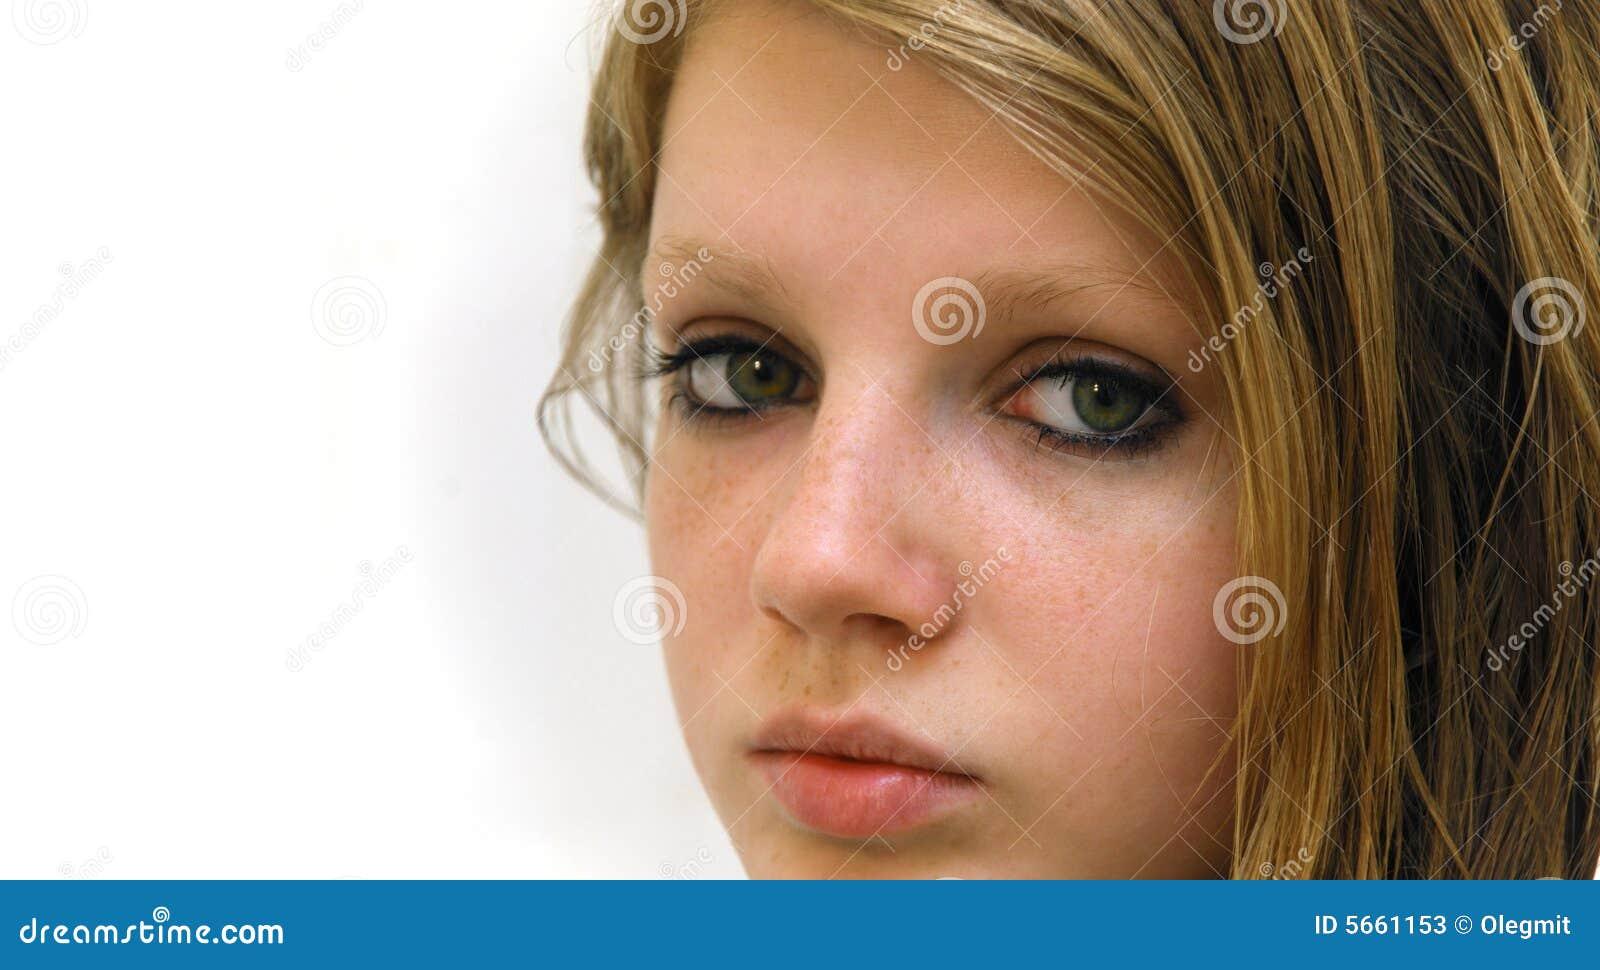 Le polissage laser de la personne contre la pigmentation